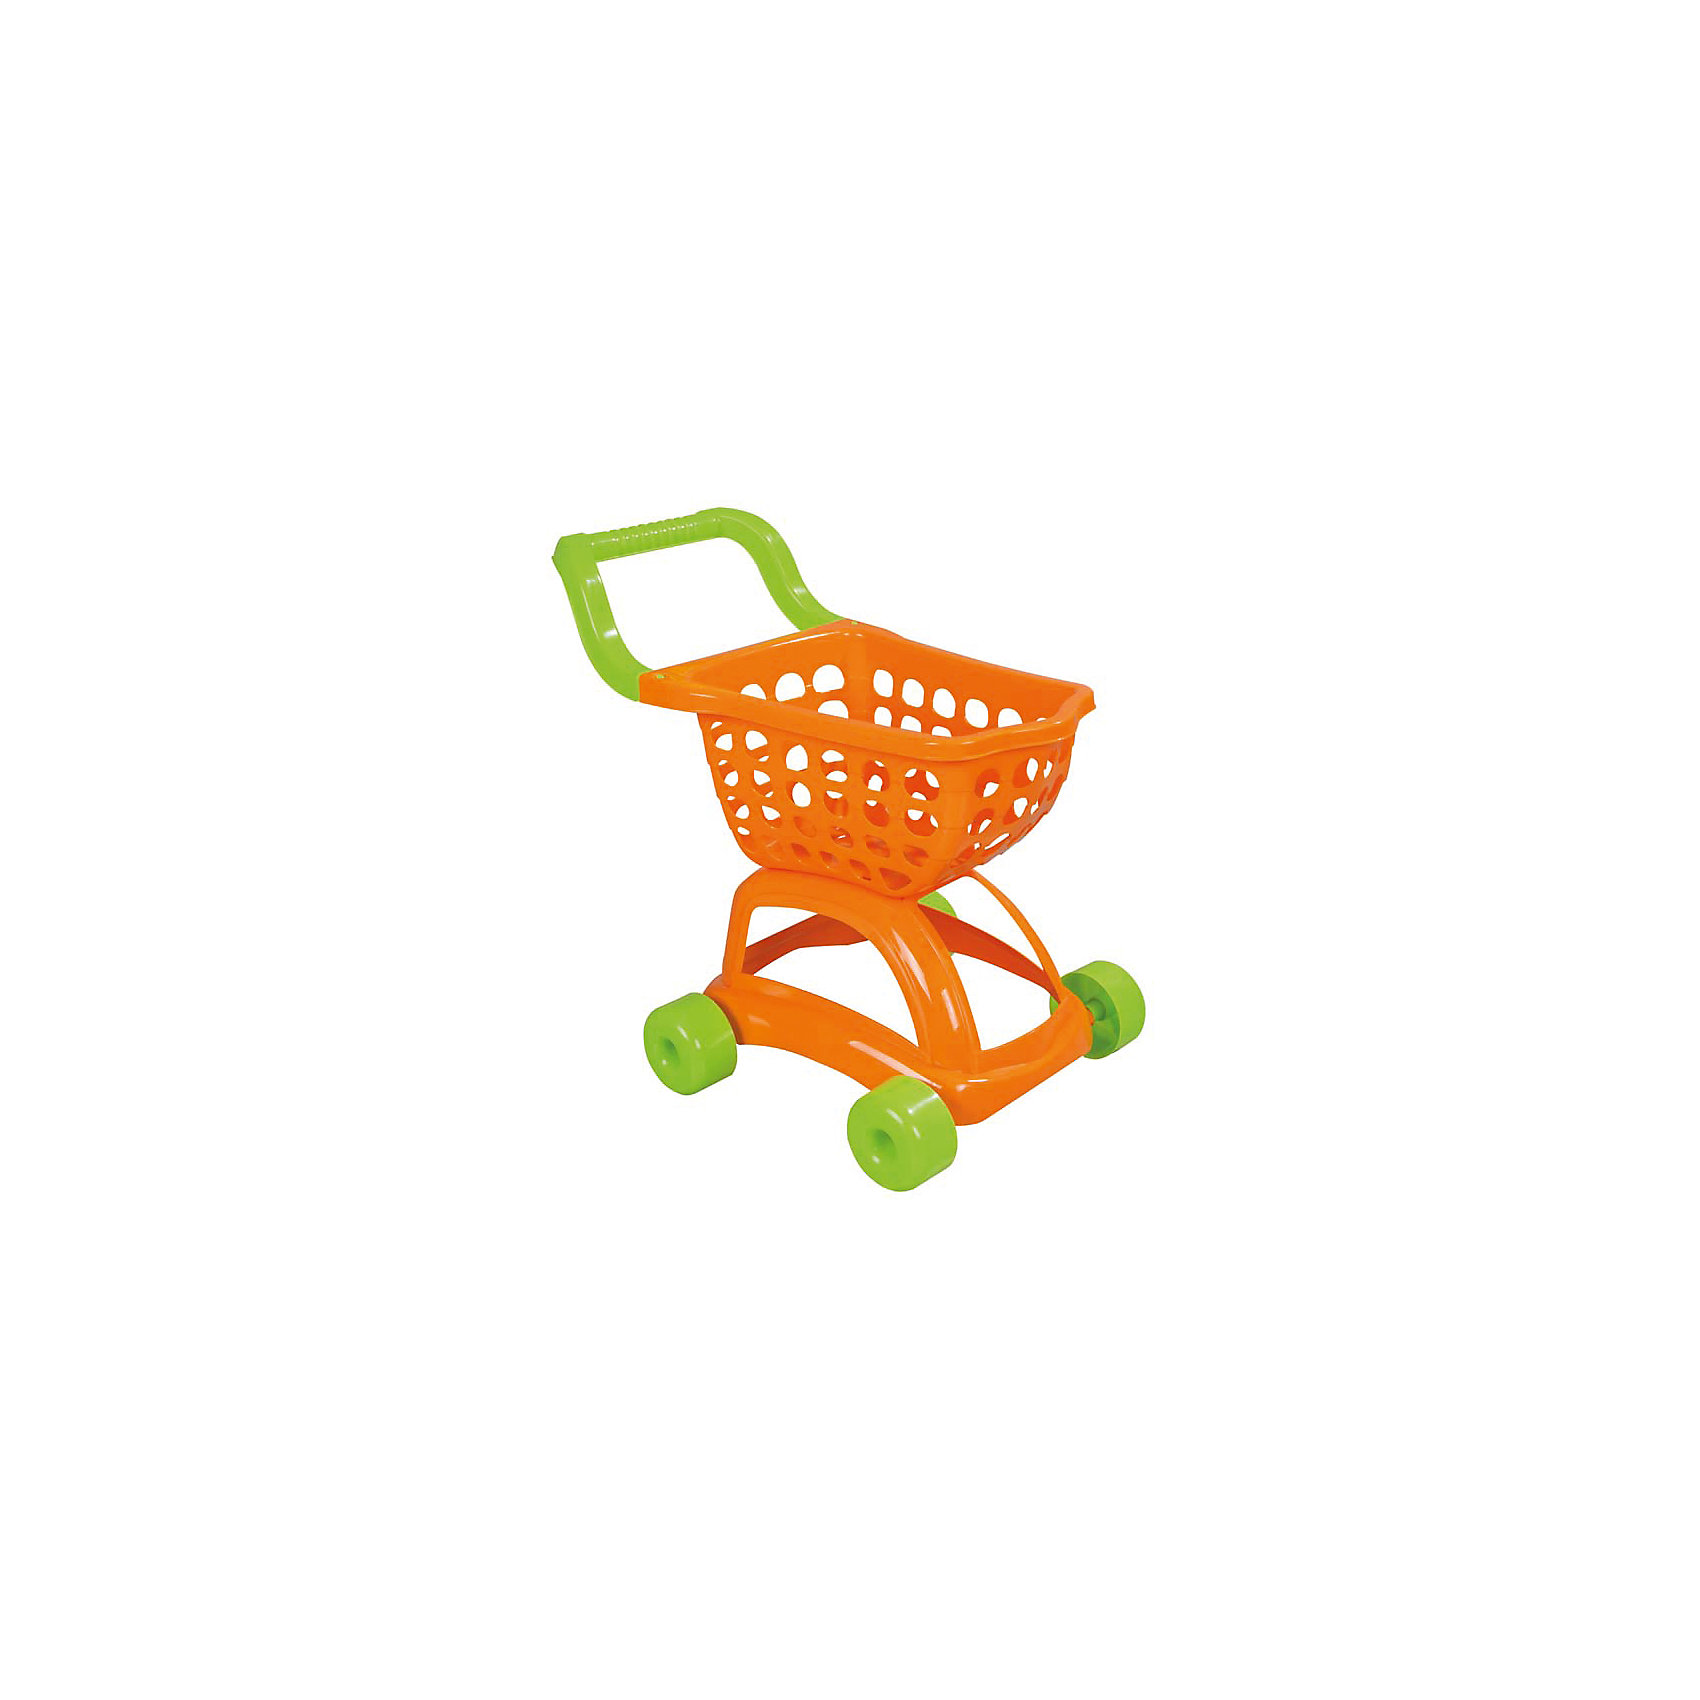 Тележка для покупок Sweet, PilsanТележка для покупок Sweet, Pilsan (Пилсан).<br><br>Характеристики:<br><br>• Материал: пластик.<br>• Цвет: оранжевый, зеленый.<br>• Максимальная нагрузка: 2кг.<br>• Размеры (габариты): 52х47х37см.<br><br>Тележка для покупок Sweet, Pilsan (Пилсан) – это тележка покупателя большого супермаркета. Данная модель удобна и проста в использовании. Ваша юная хозяйка сможет с легкостью ею управлять. Веселая, яркая расцветка привлечет внимание вашего ребенка и максимально дополнит сюжетно- ролевую игру «Магазин». <br><br>Тележку для покупок Sweet, Pilsan (Пилсан), можно купитьвнашем интернет – магазине.<br><br>Ширина мм: 610<br>Глубина мм: 340<br>Высота мм: 330<br>Вес г: 1000<br>Возраст от месяцев: 36<br>Возраст до месяцев: 120<br>Пол: Унисекс<br>Возраст: Детский<br>SKU: 5045000